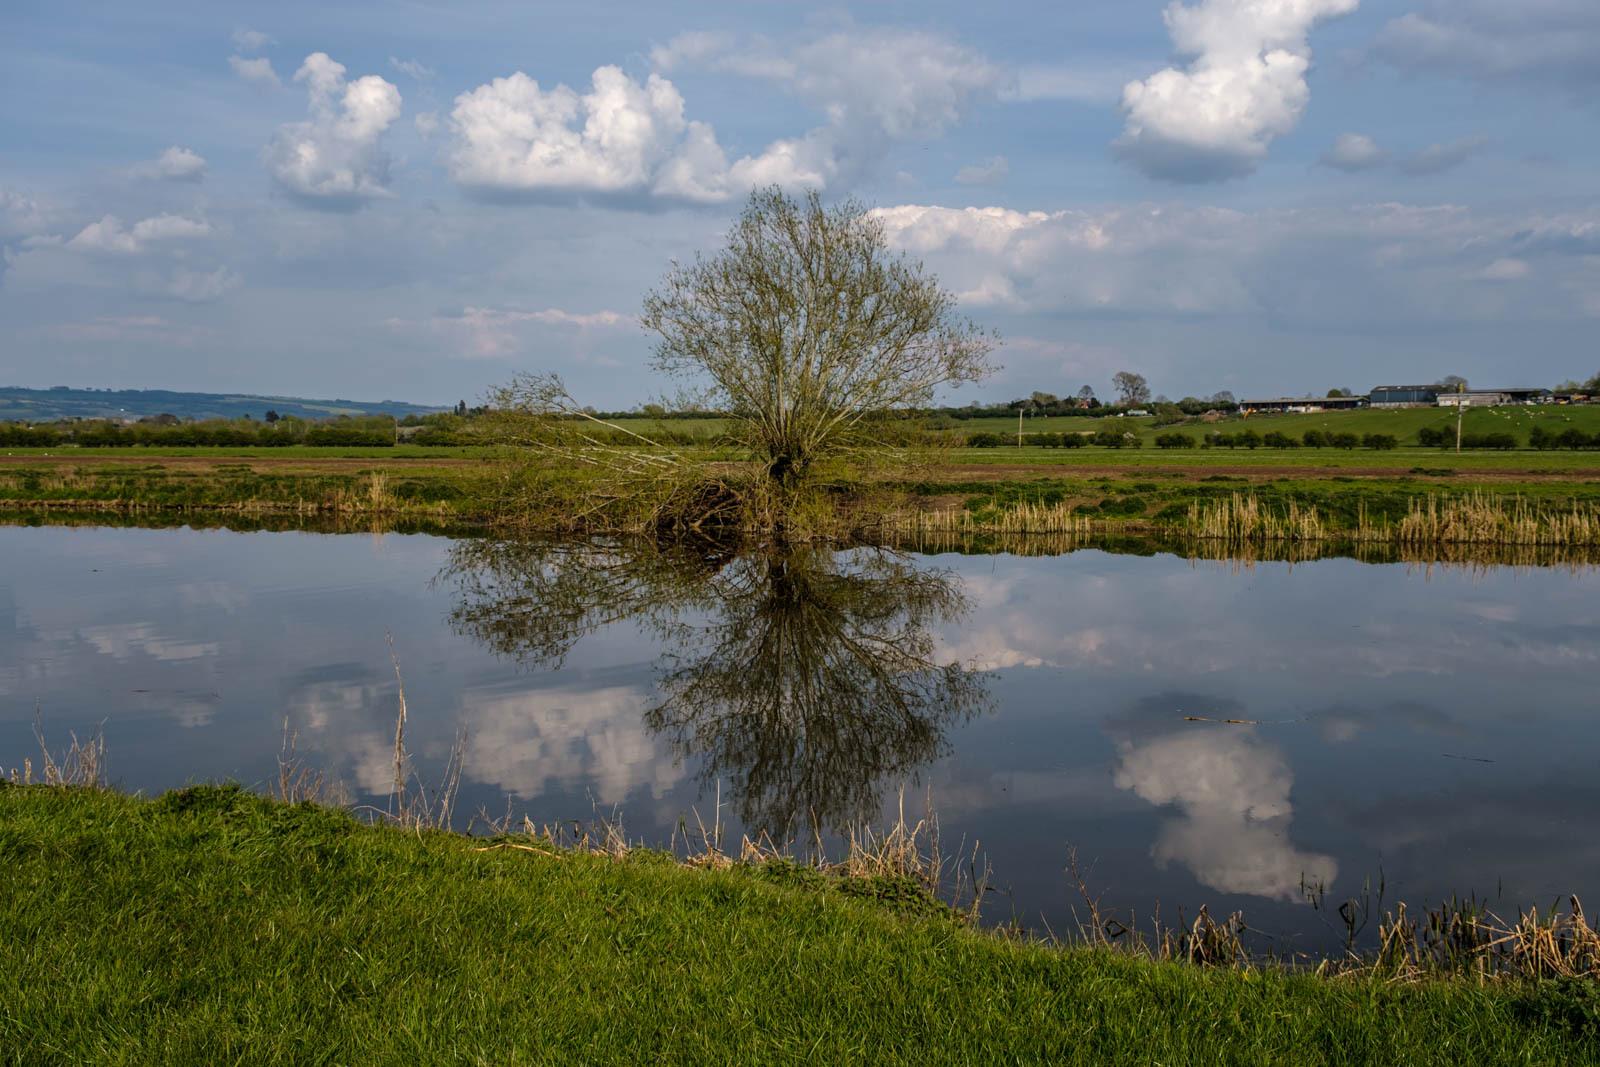 River Avon Reflection